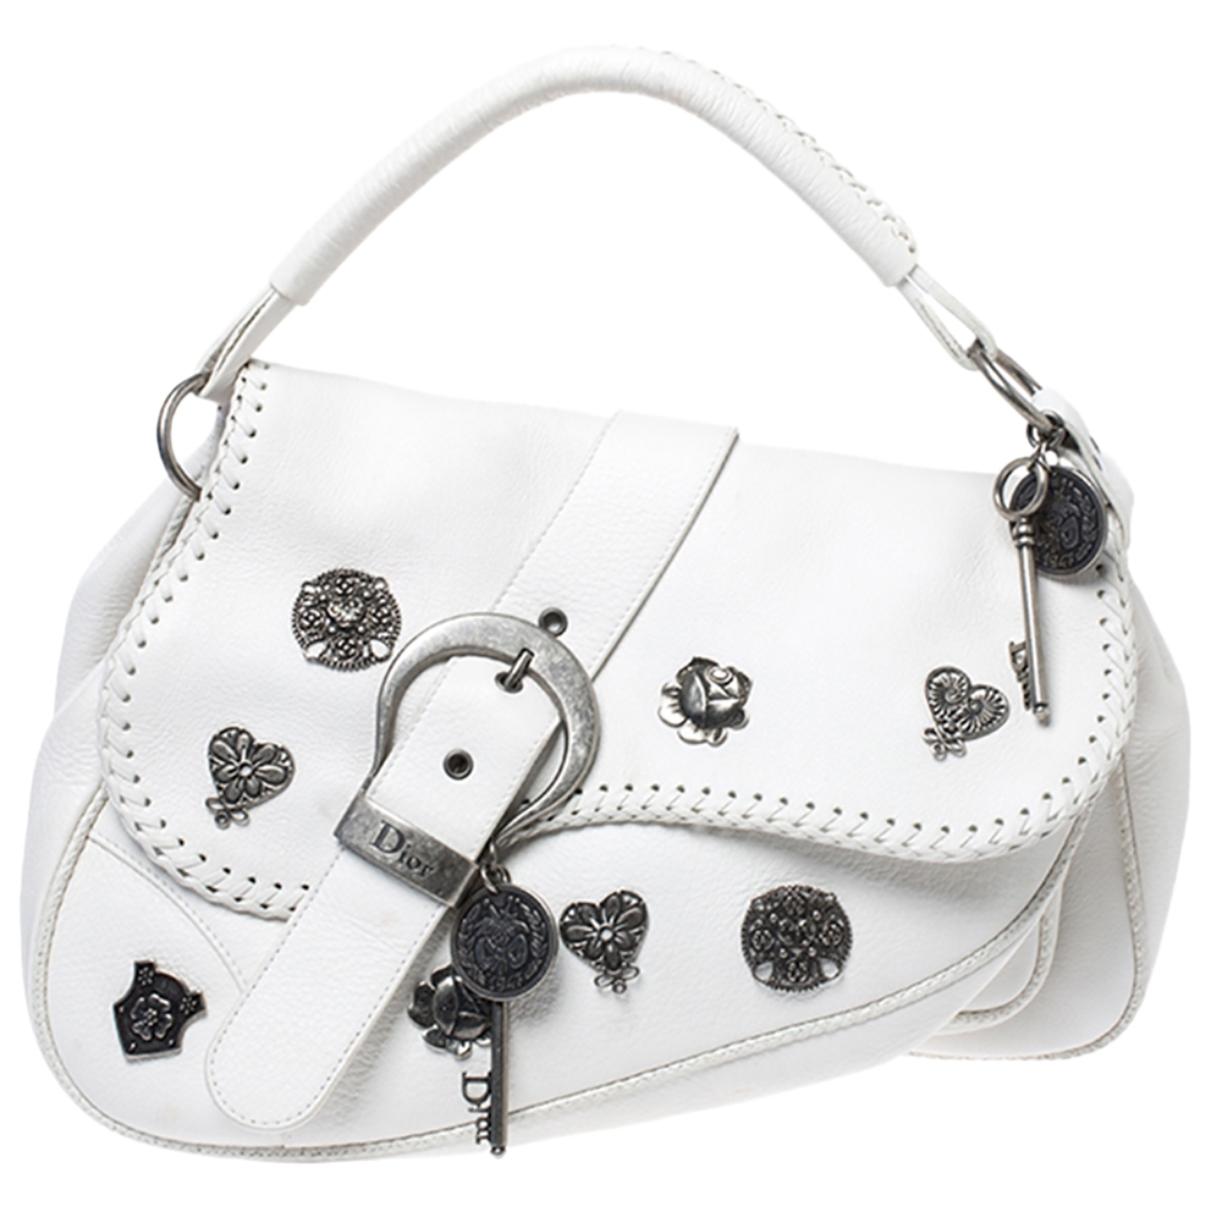 Dior - Sac a main Saddle pour femme en cuir - blanc